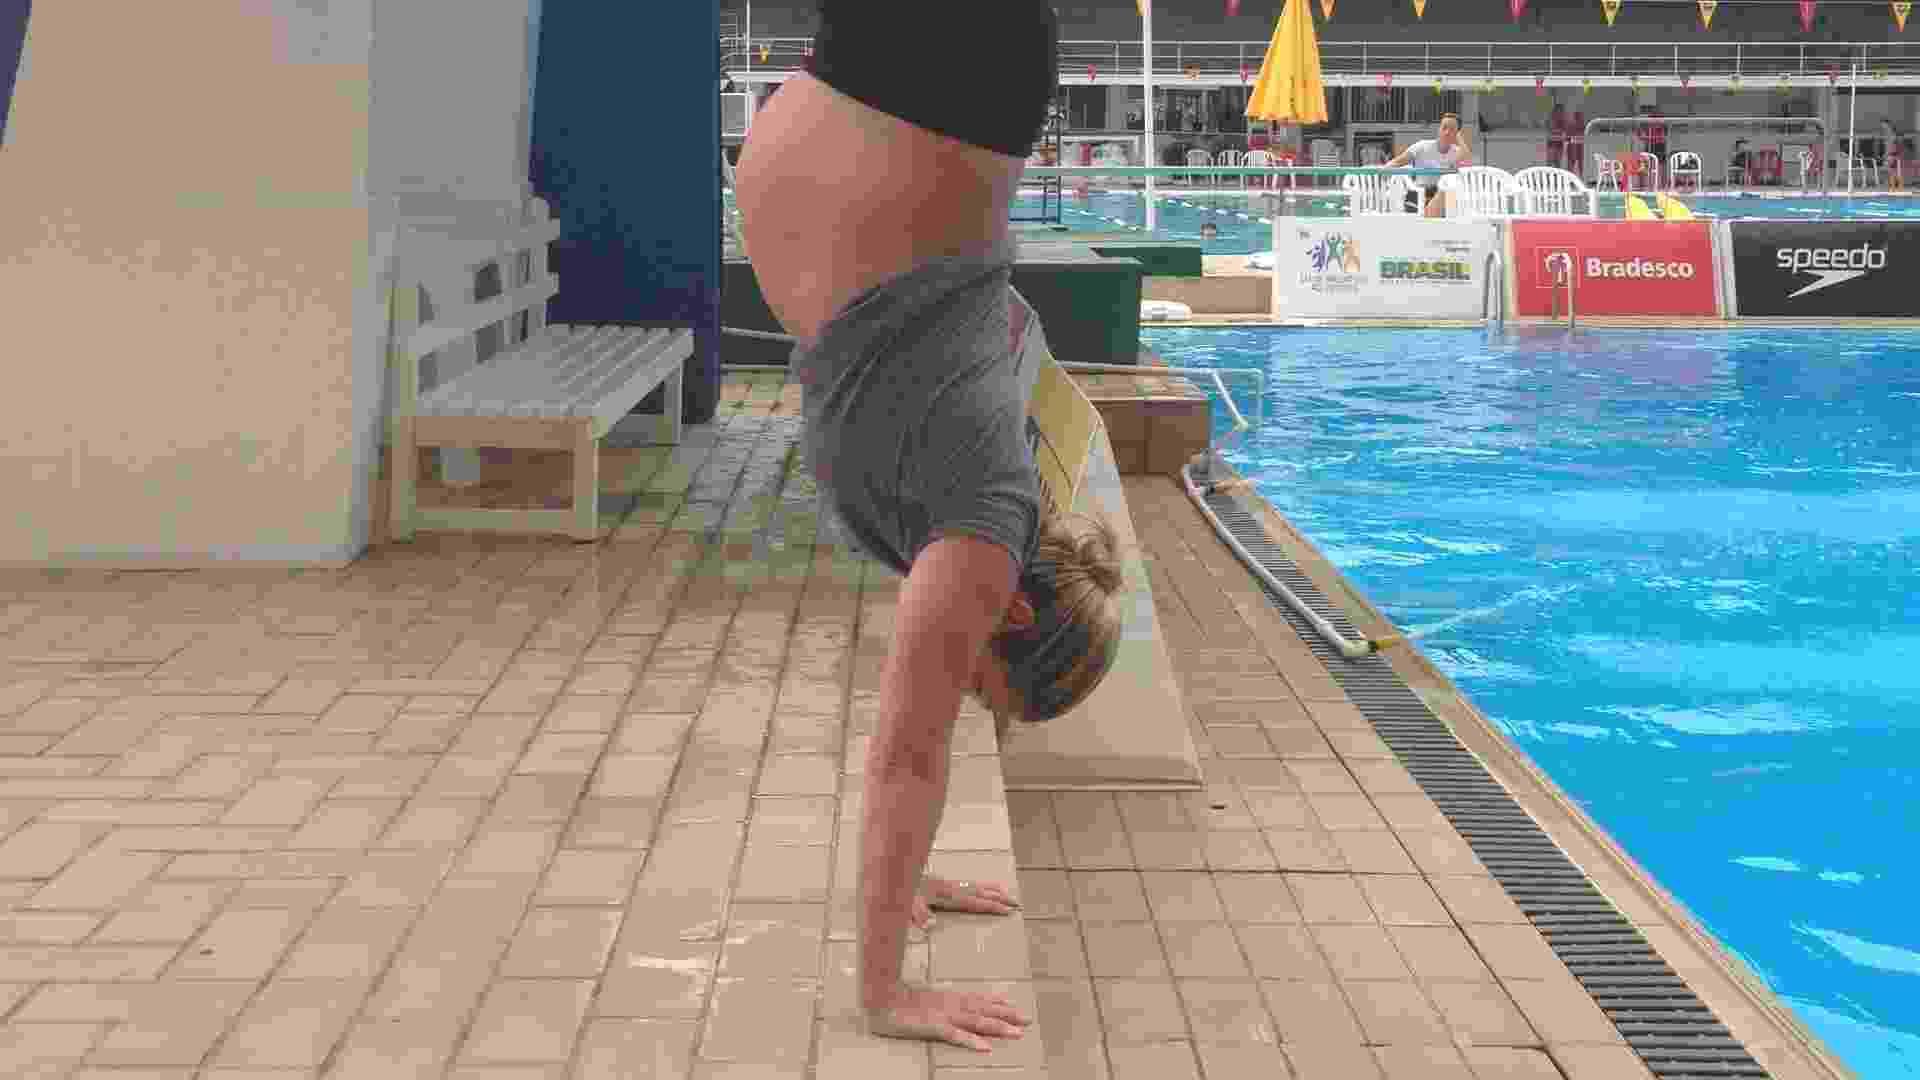 Aos 32 anos, a saltadora Juliana Veloso se prepara para dar a luz pela segunda vez - Arquivo pessoal